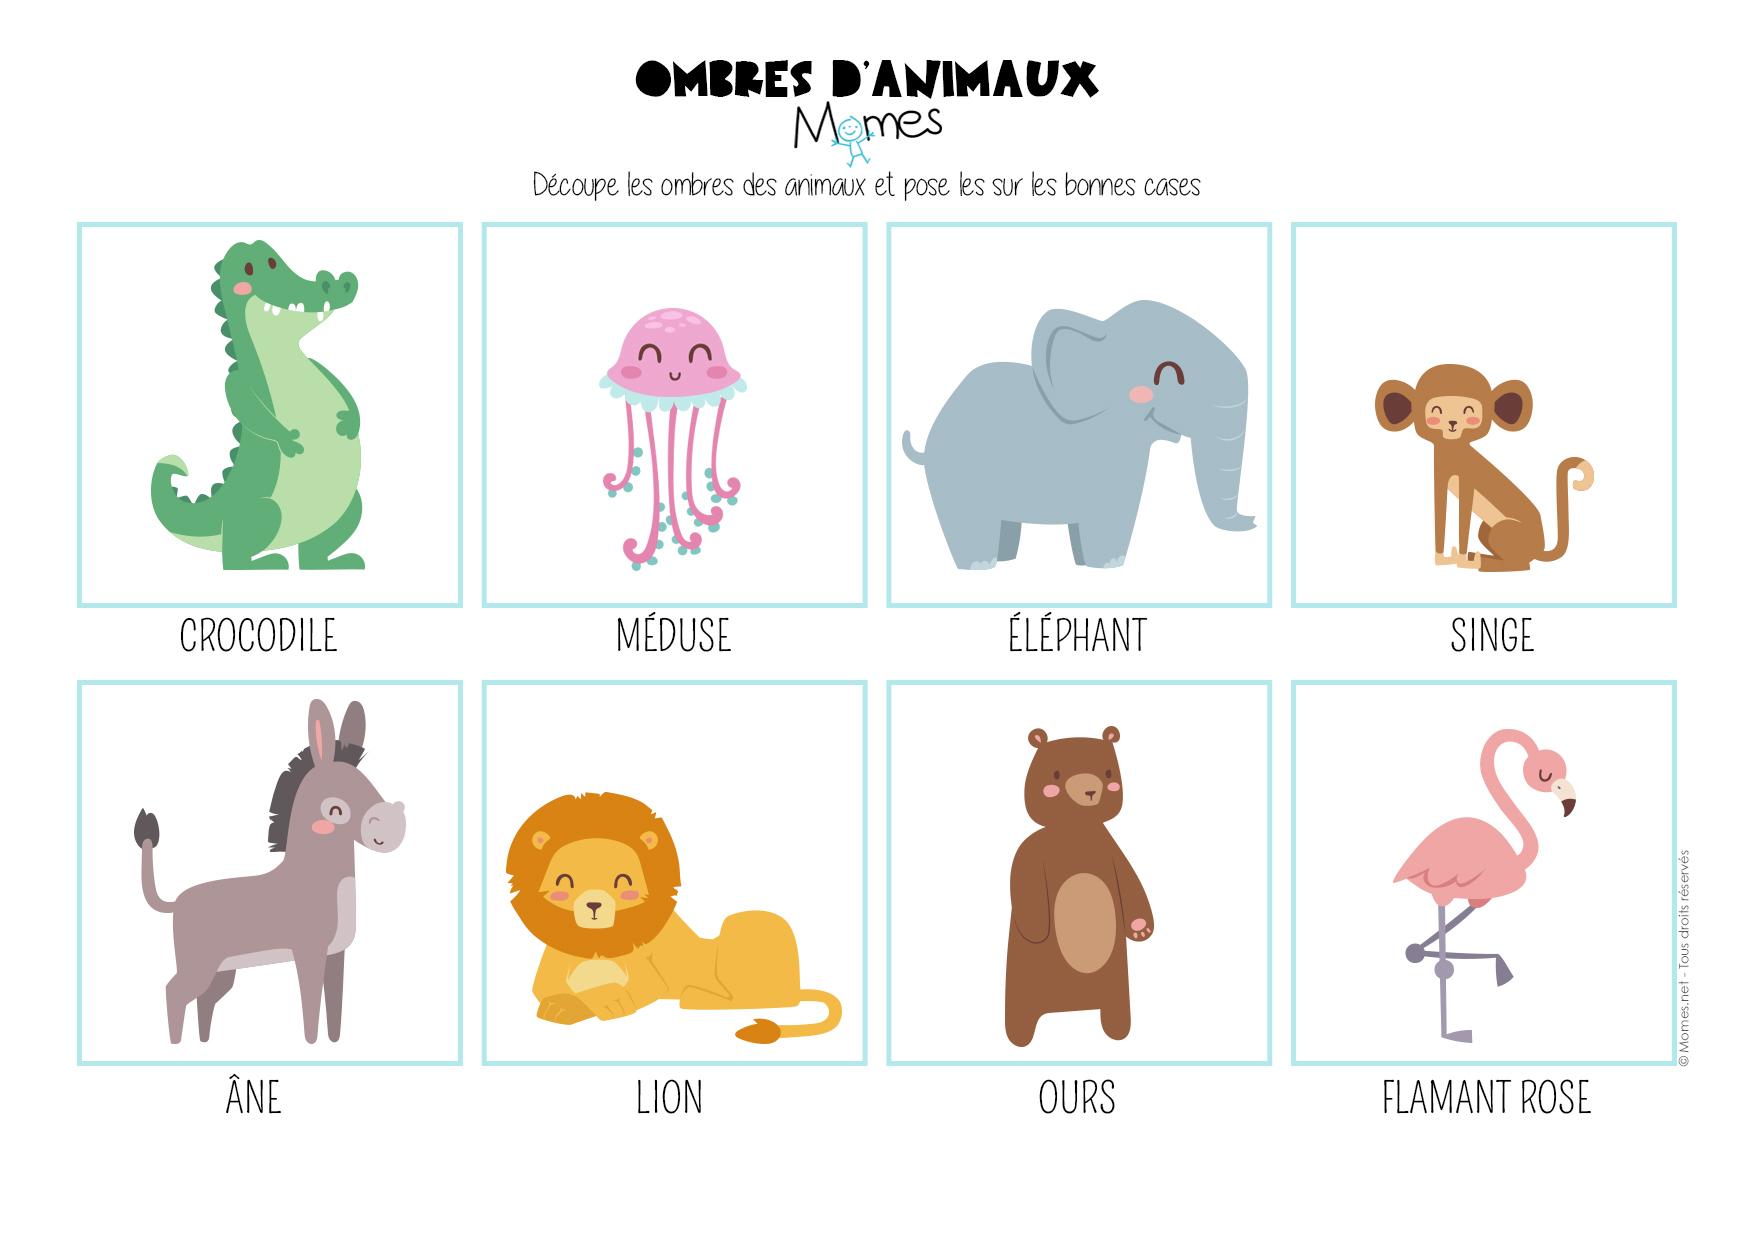 Le Jeu Des Ombres D'animaux - Momes pour Jeux De Bébé Animaux Gratuit